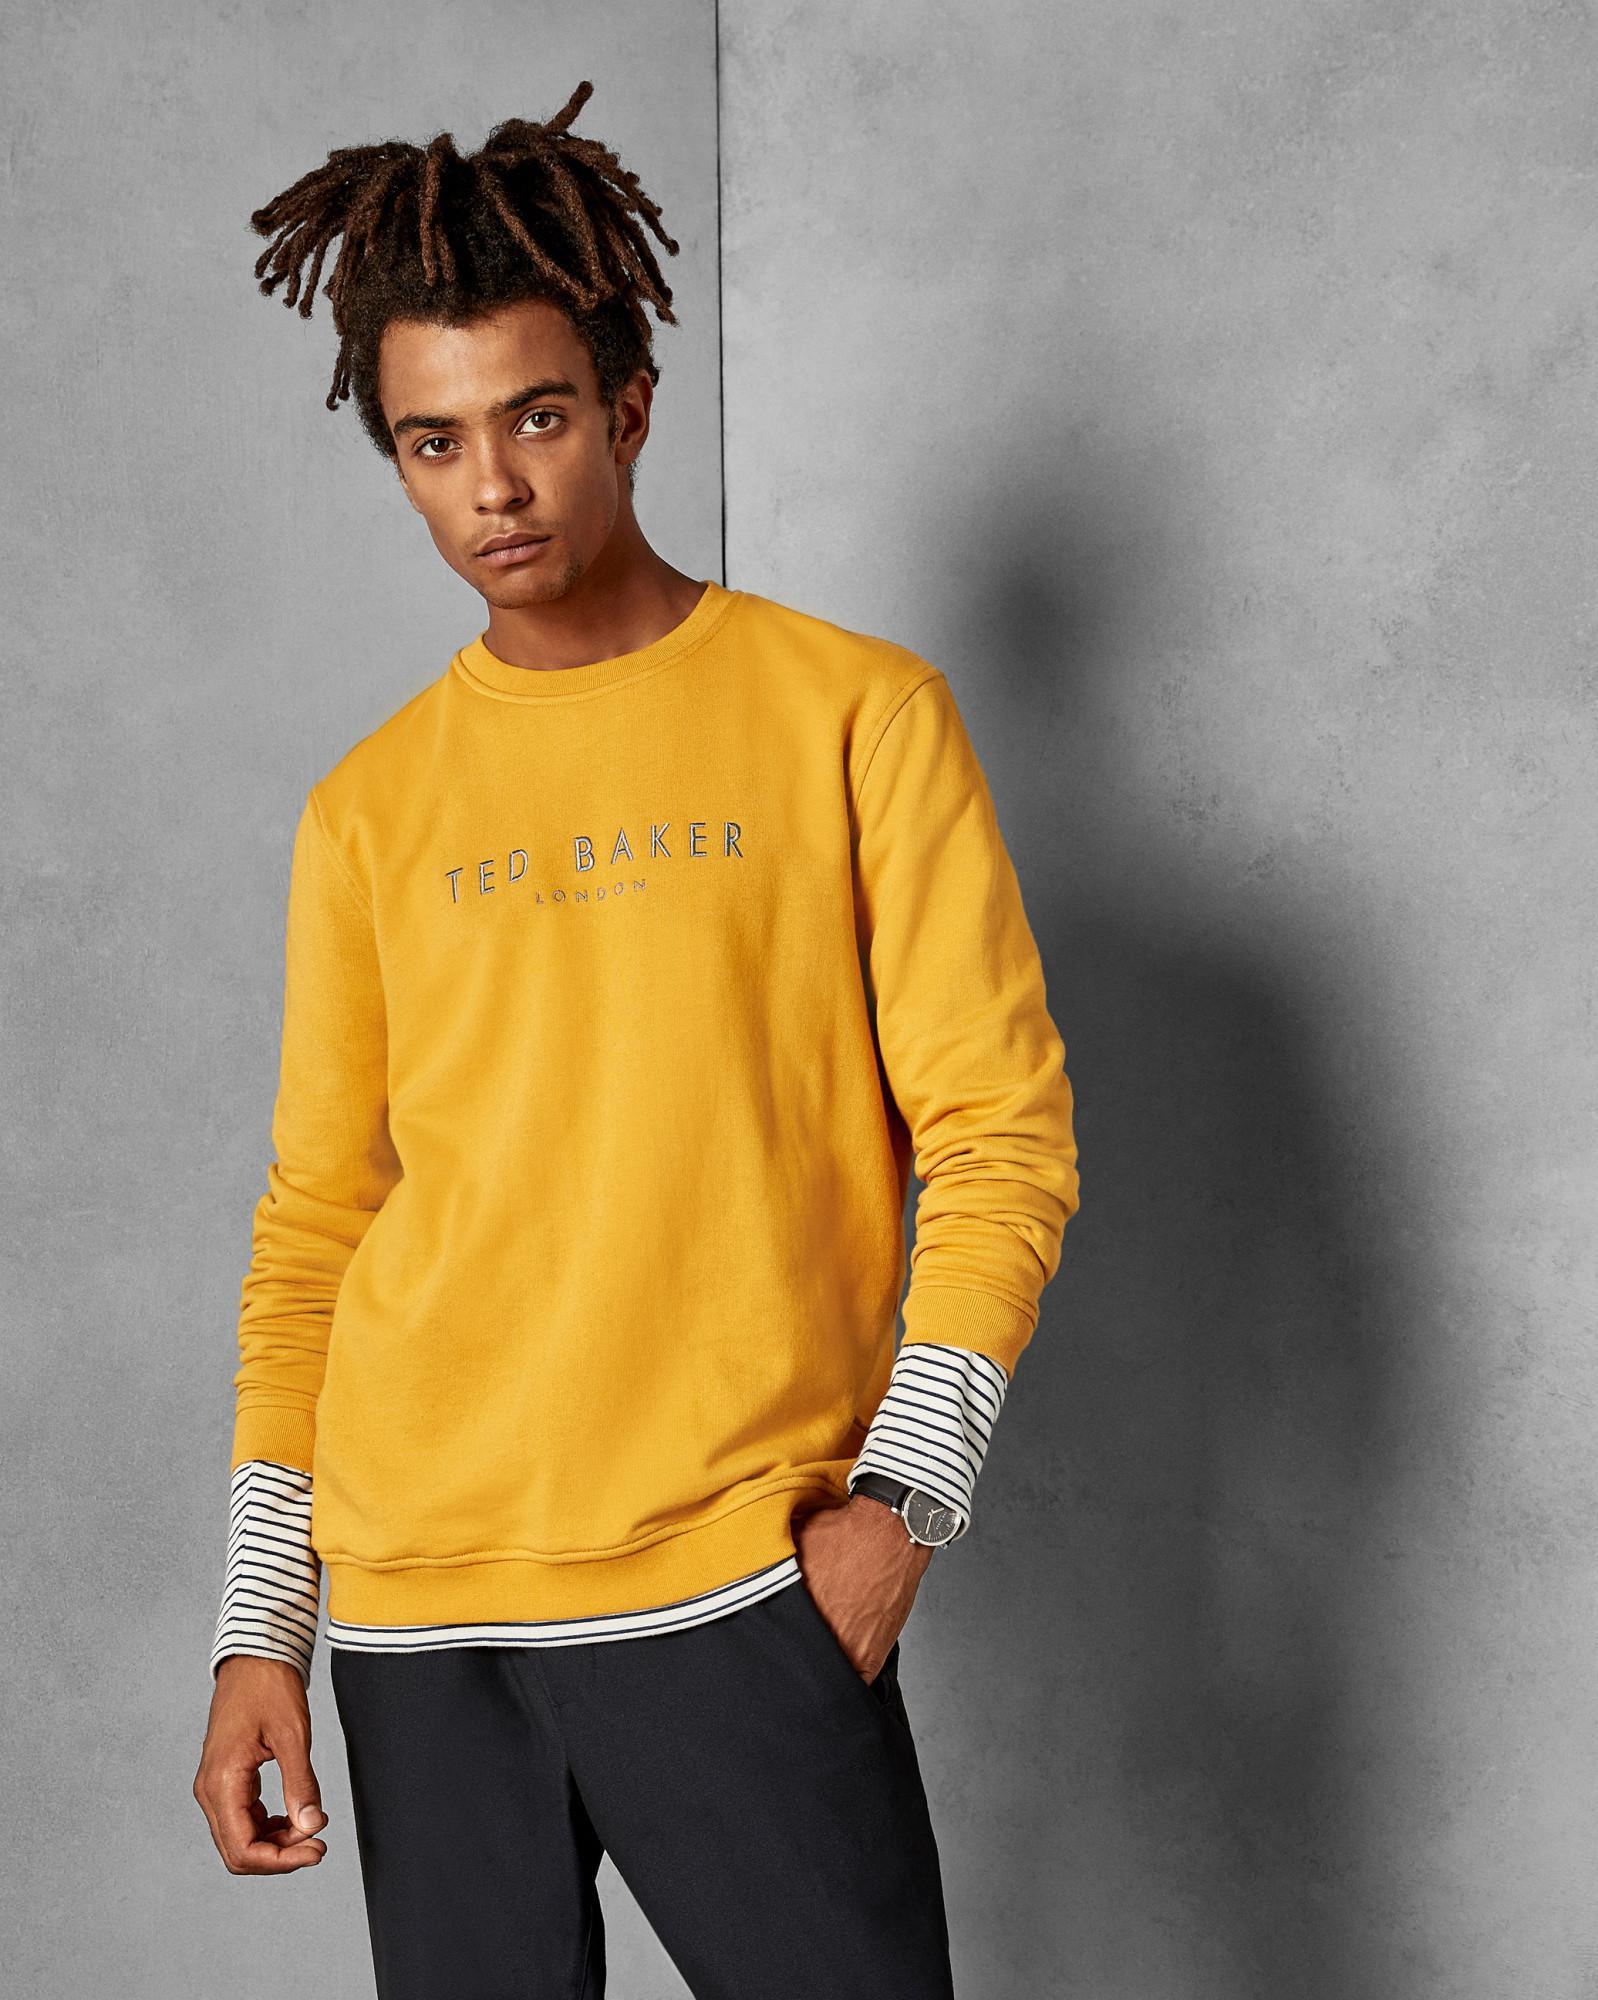 e6ed8529344d4 Ted Baker - Yellow Branded Anniversary Sweatshirt for Men - Lyst. View  fullscreen